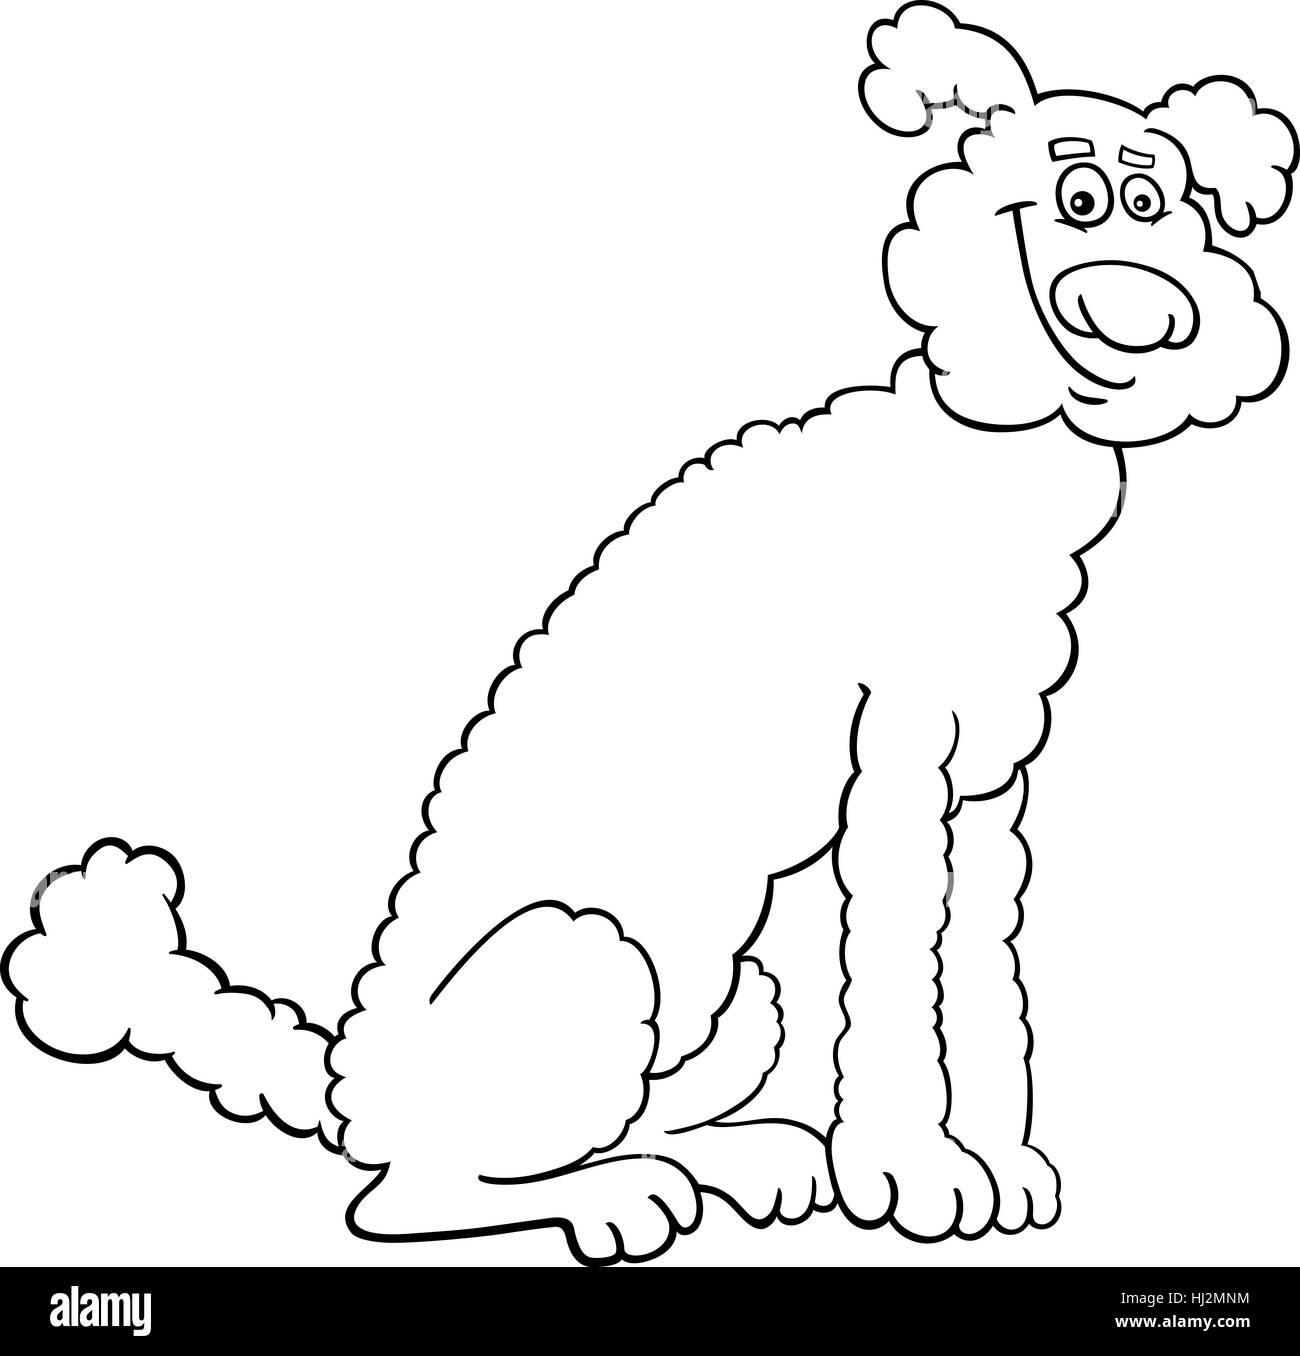 Poodle Stockfotos & Poodle Bilder - Seite 3 - Alamy